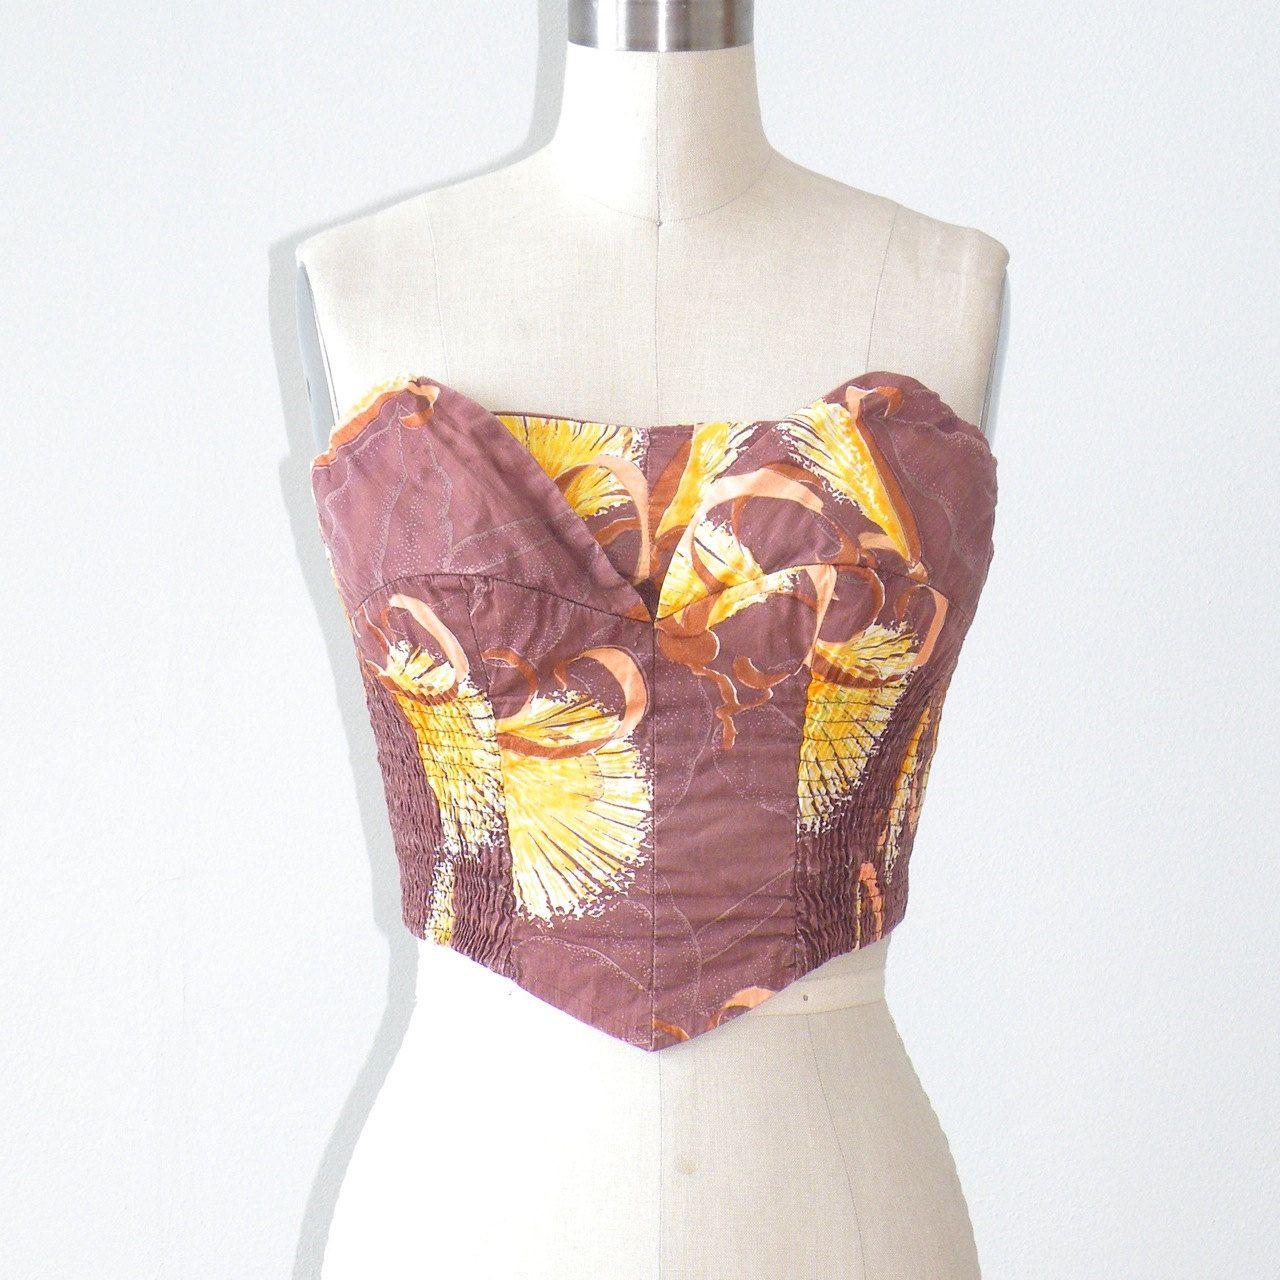 Pin On Vintage & Antique Dresses Textiles